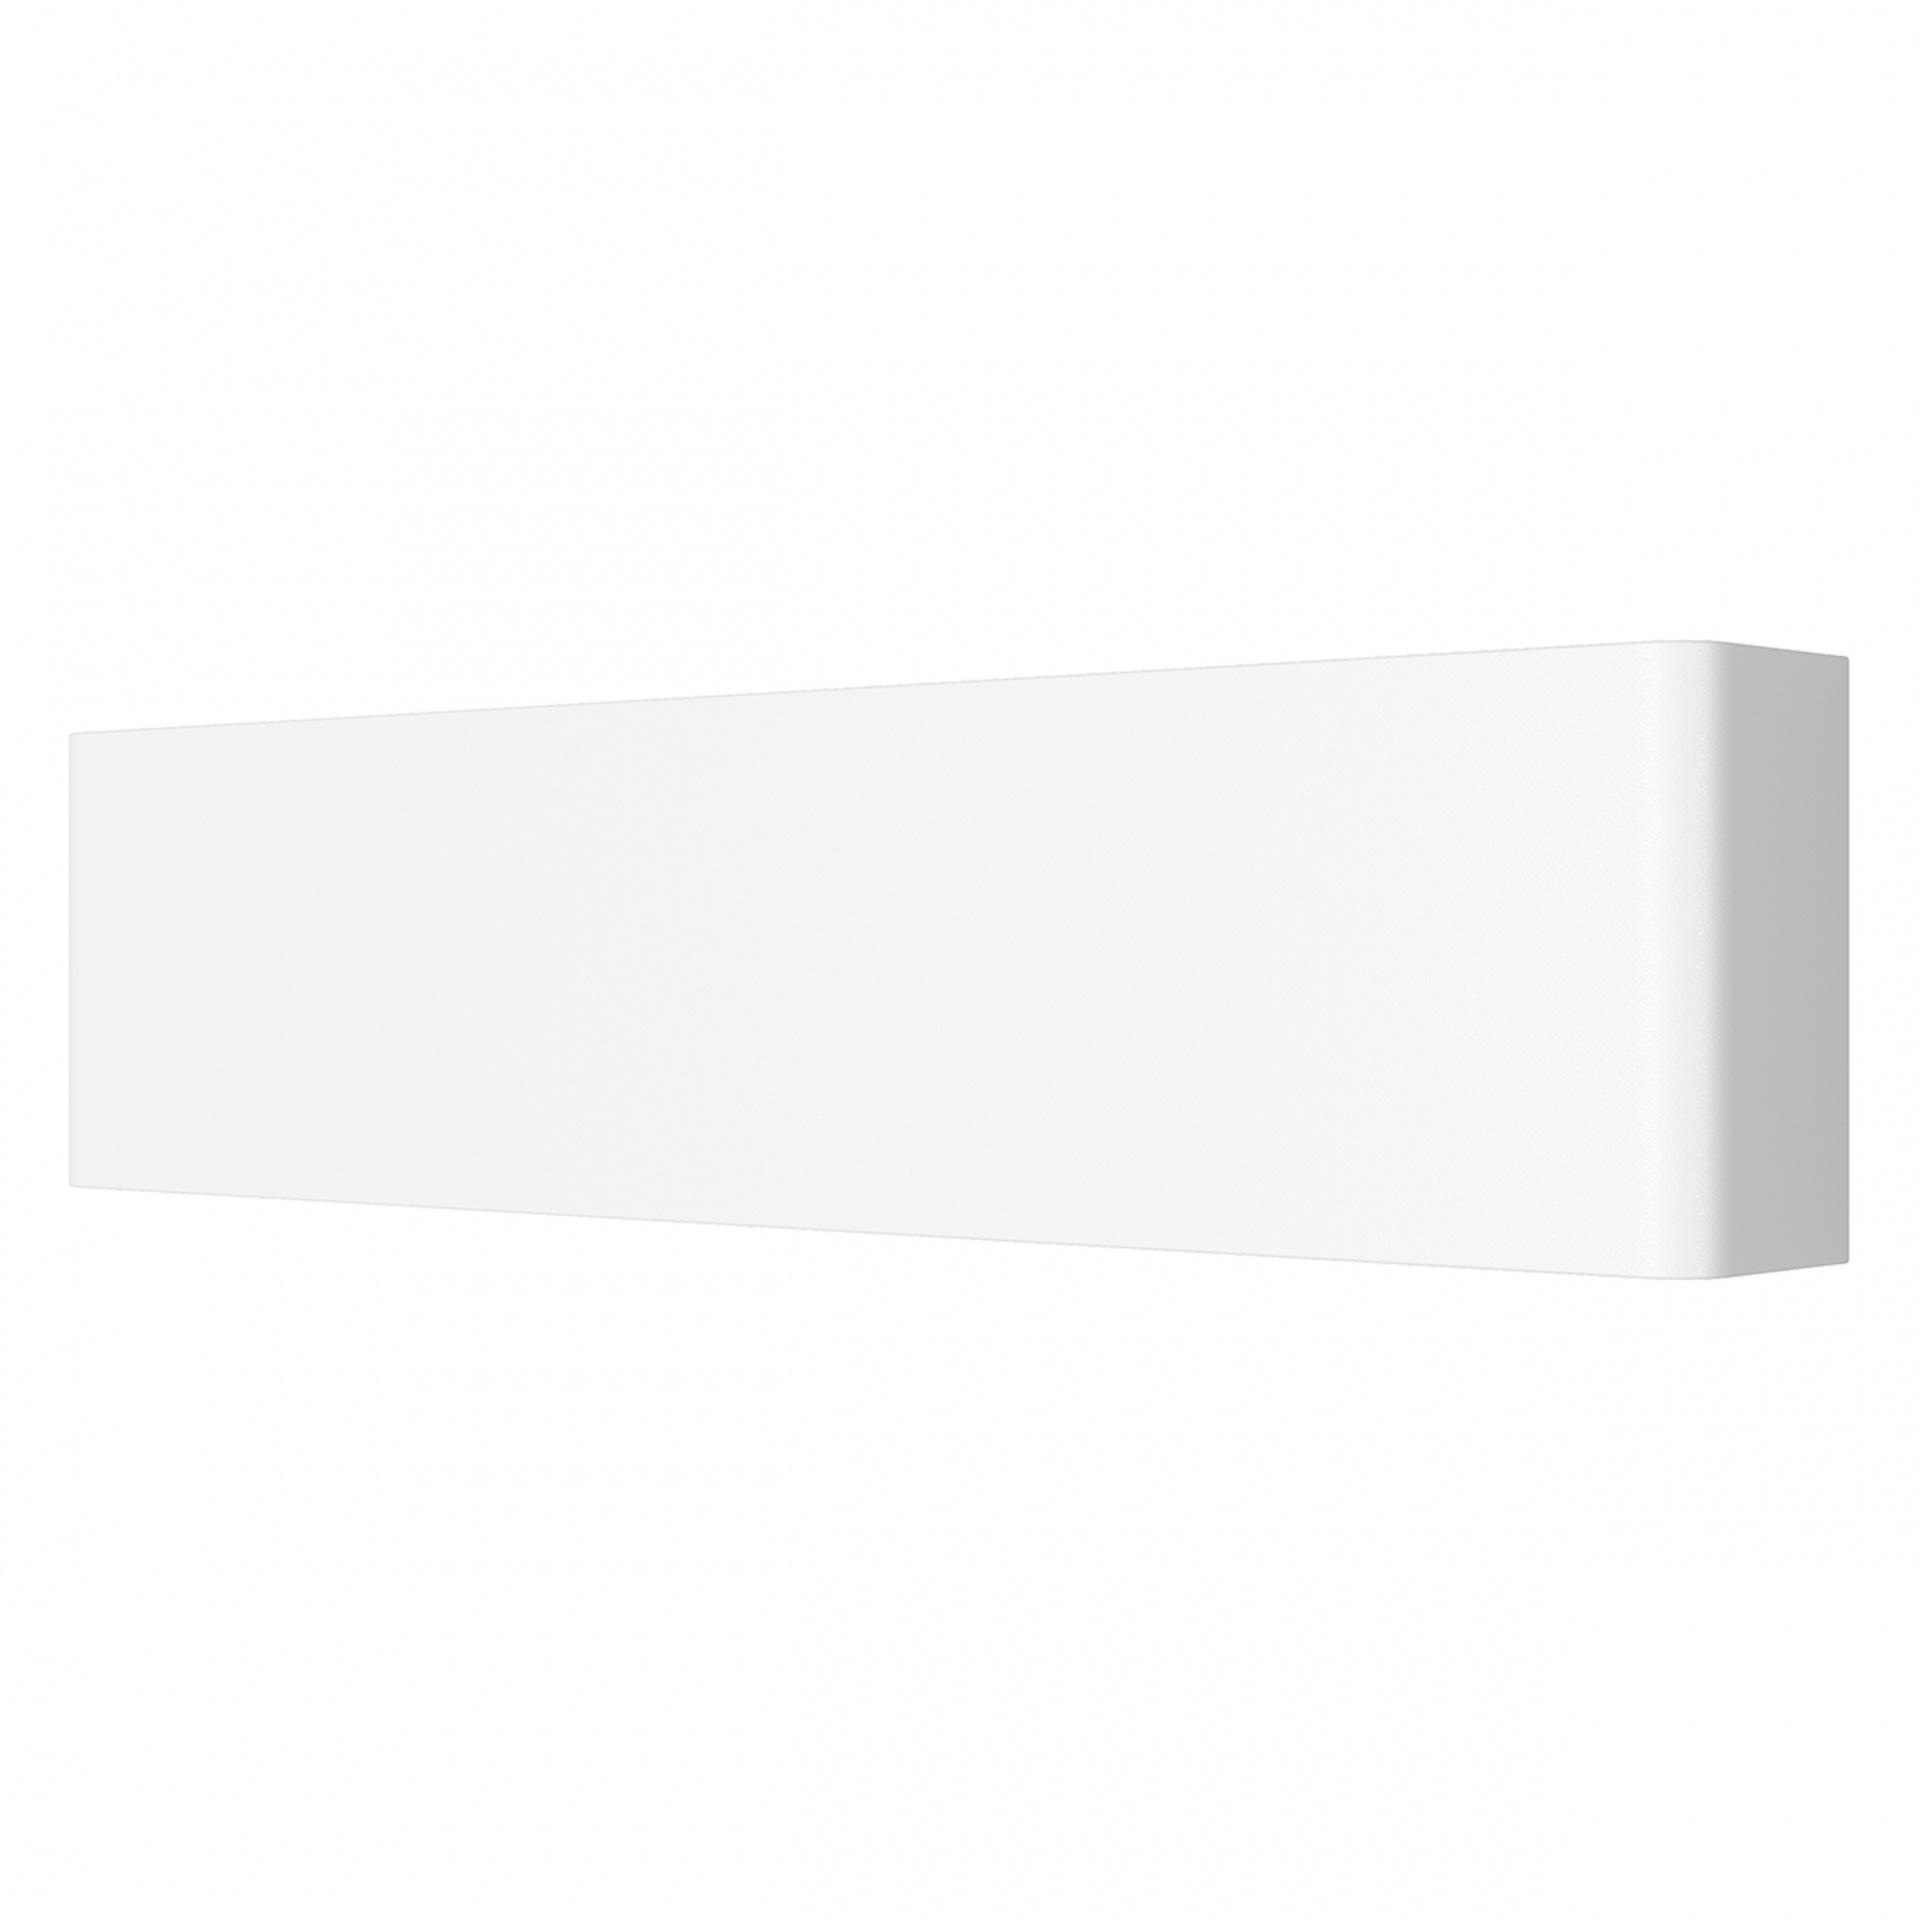 Бра Fiume 10W 950LM матовый белый 4000K Lightstar 810616, купить в СПб, Москве, с доставкой, Санкт-Петербург, интернет-магазин люстр и светильников Starlight, фото в жизни